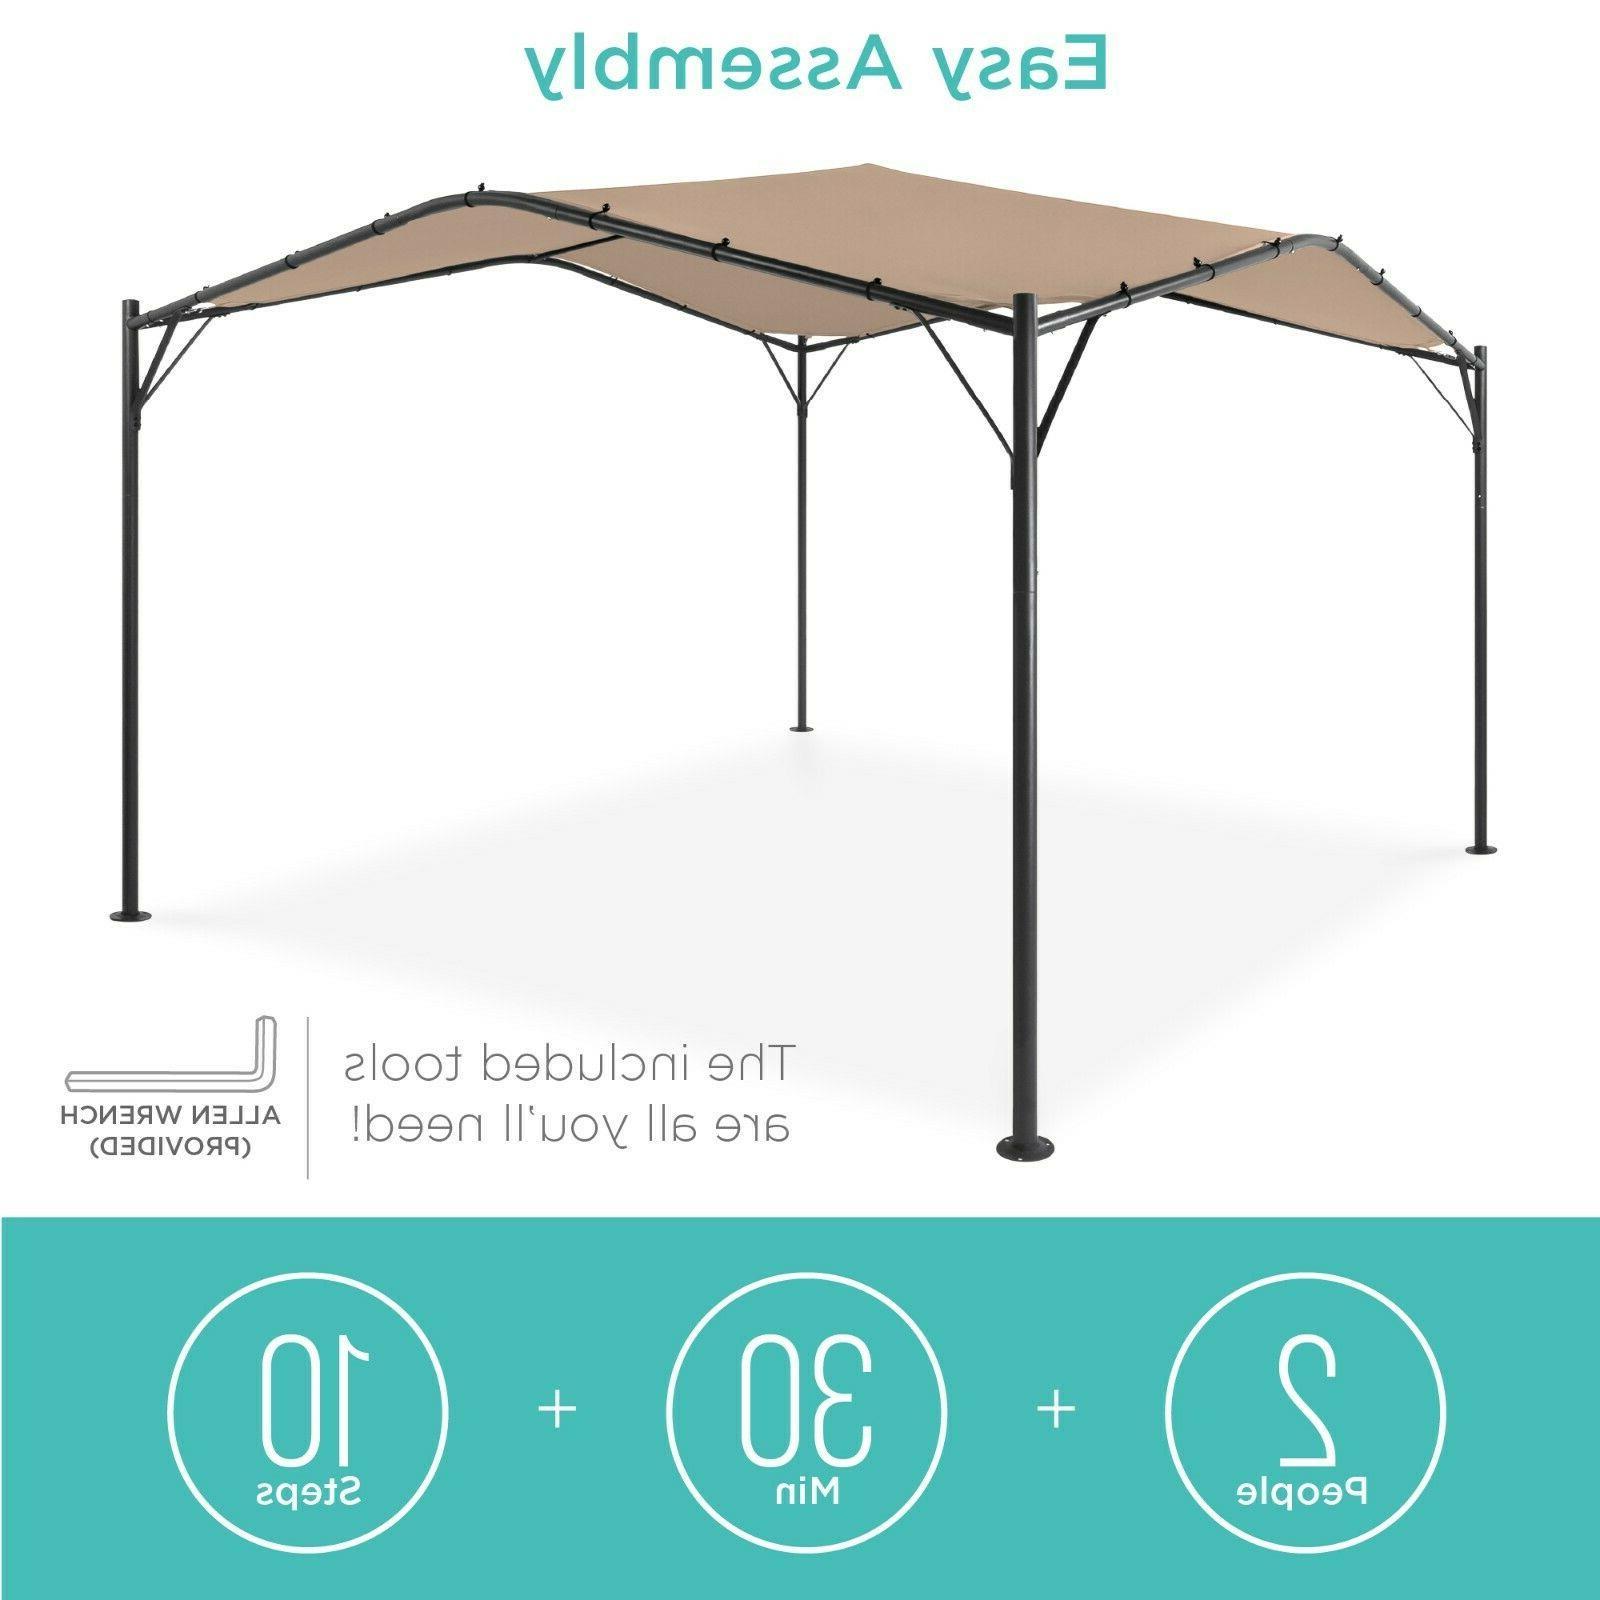 Best Products 12x12ft Gazebo Canopy Backyard w/